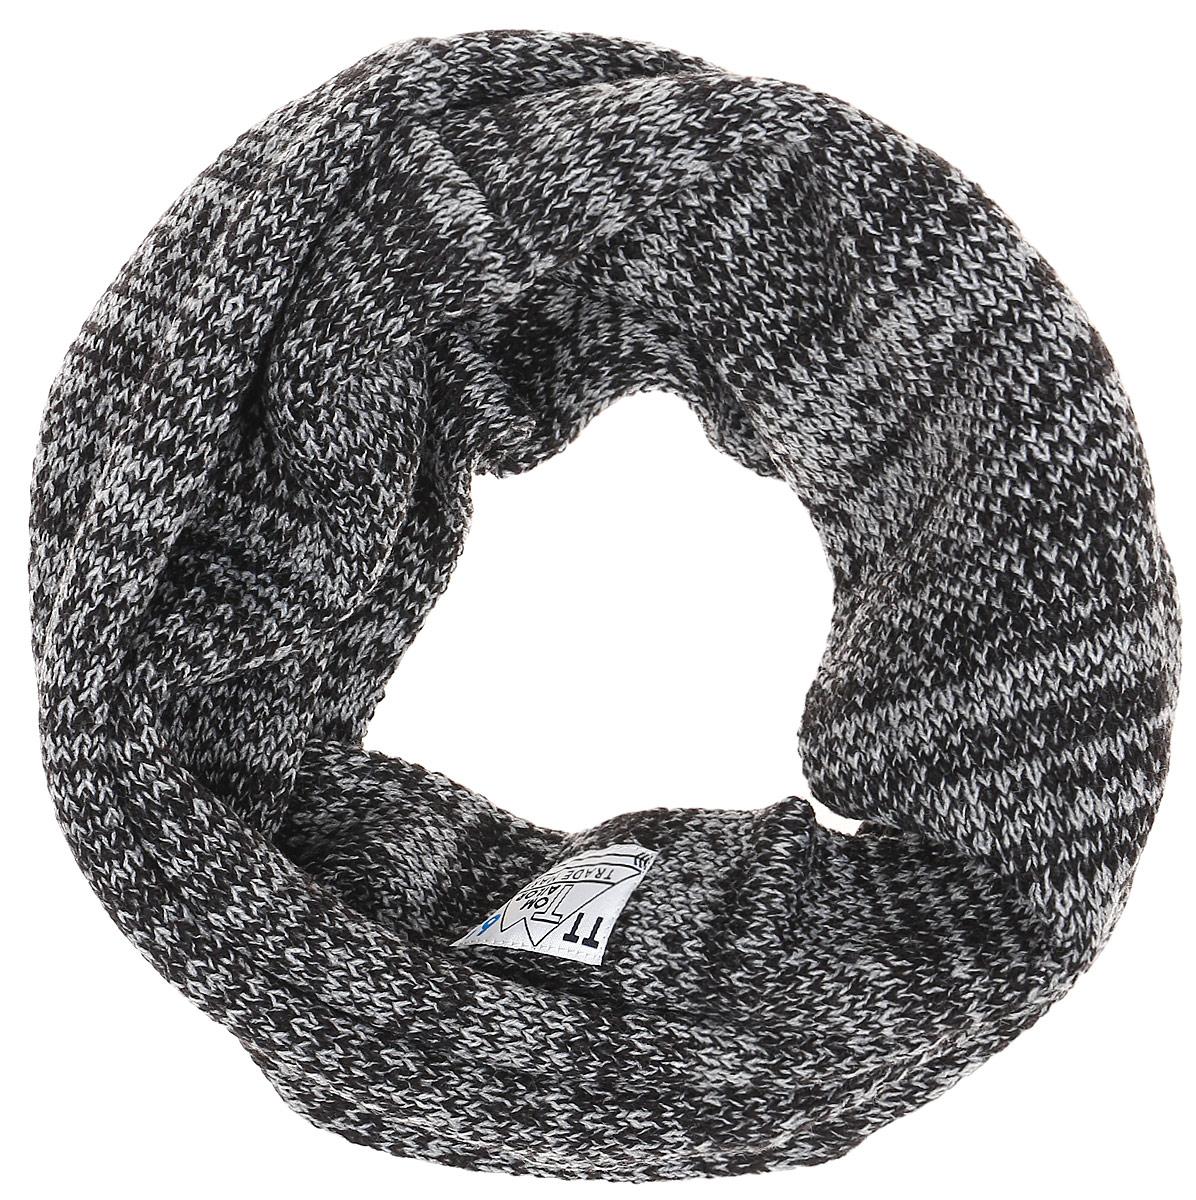 Шарф для мальчика Tom Tailor, цвет: черный, серый. 0221649.00.30_2999. Размер универсальный0221649.00.30_2999